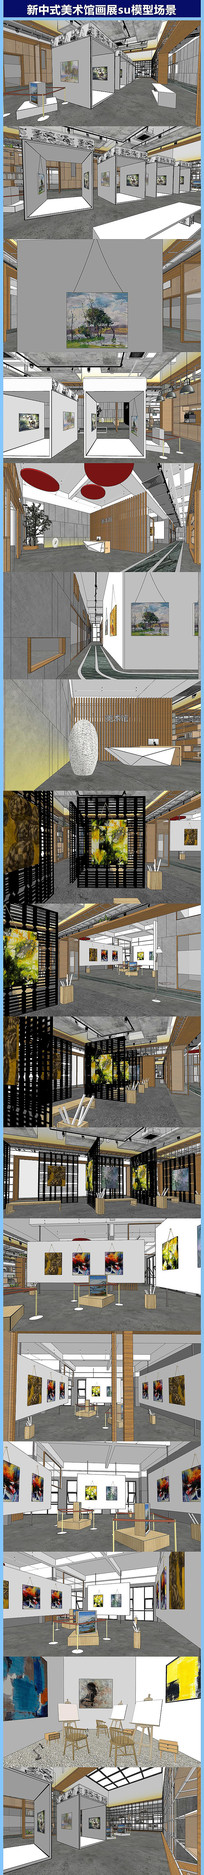 新中式美术馆画展su模型场景